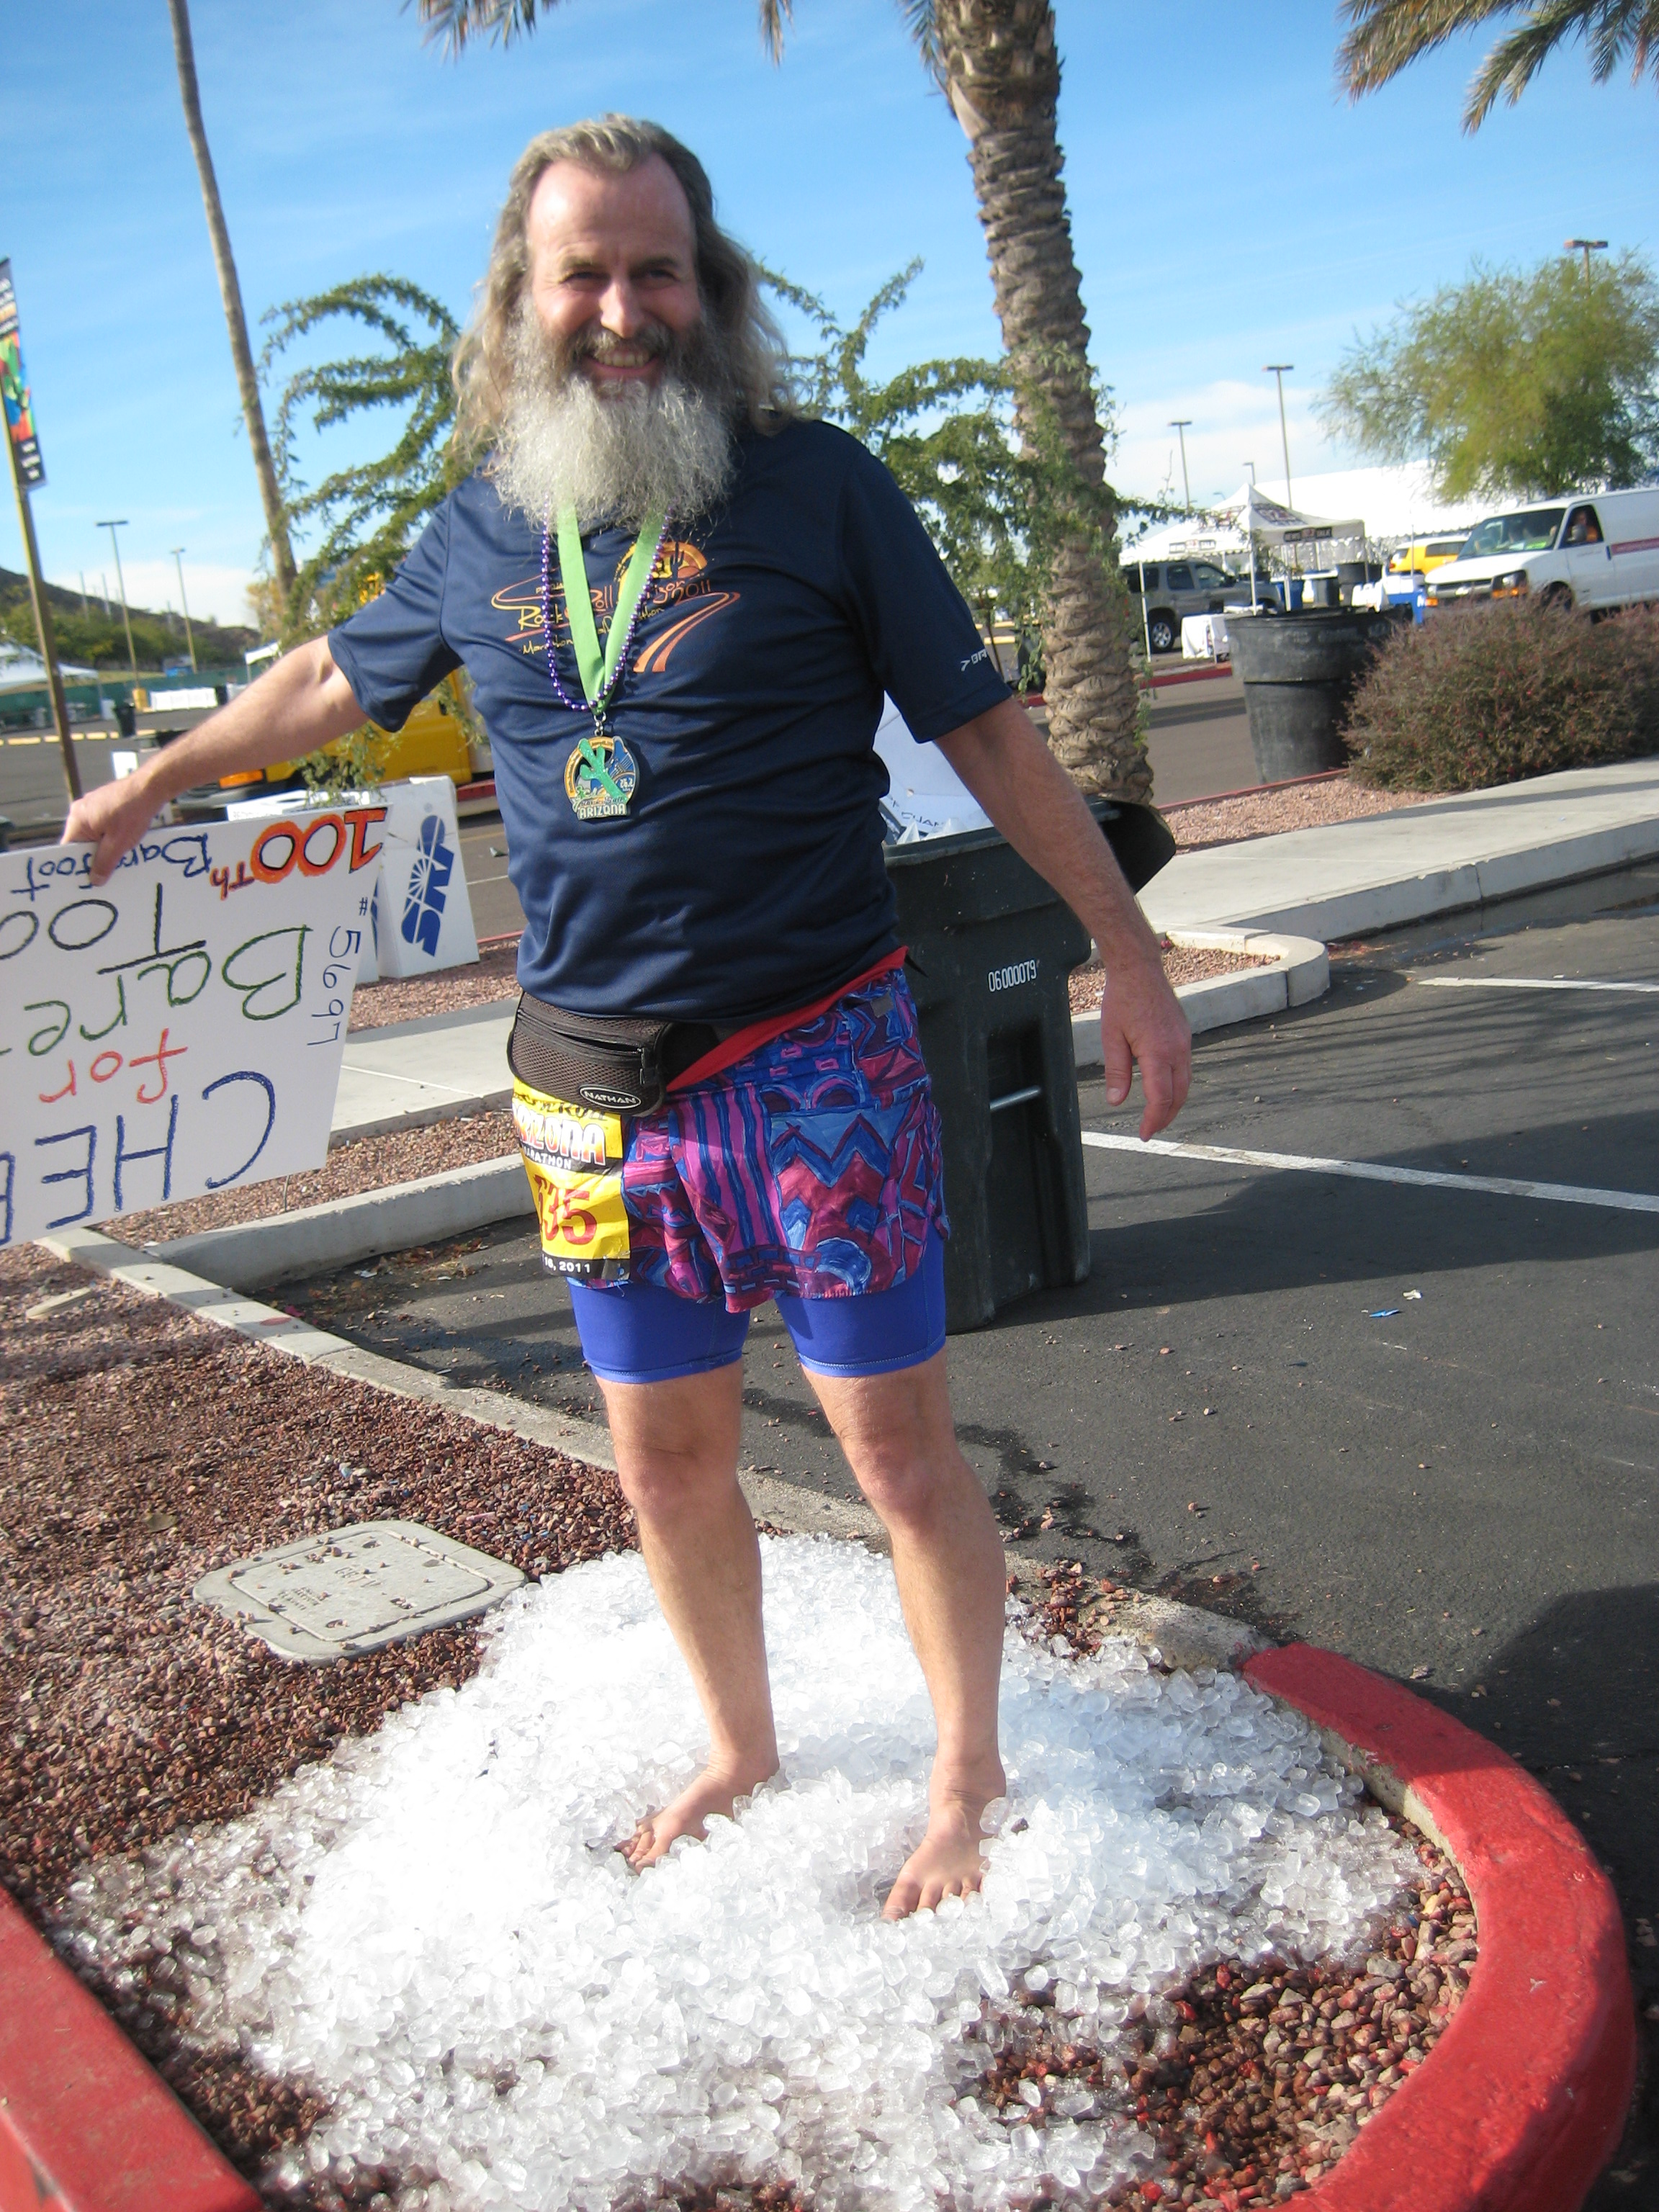 Ken Bob, keeping it cool, man!